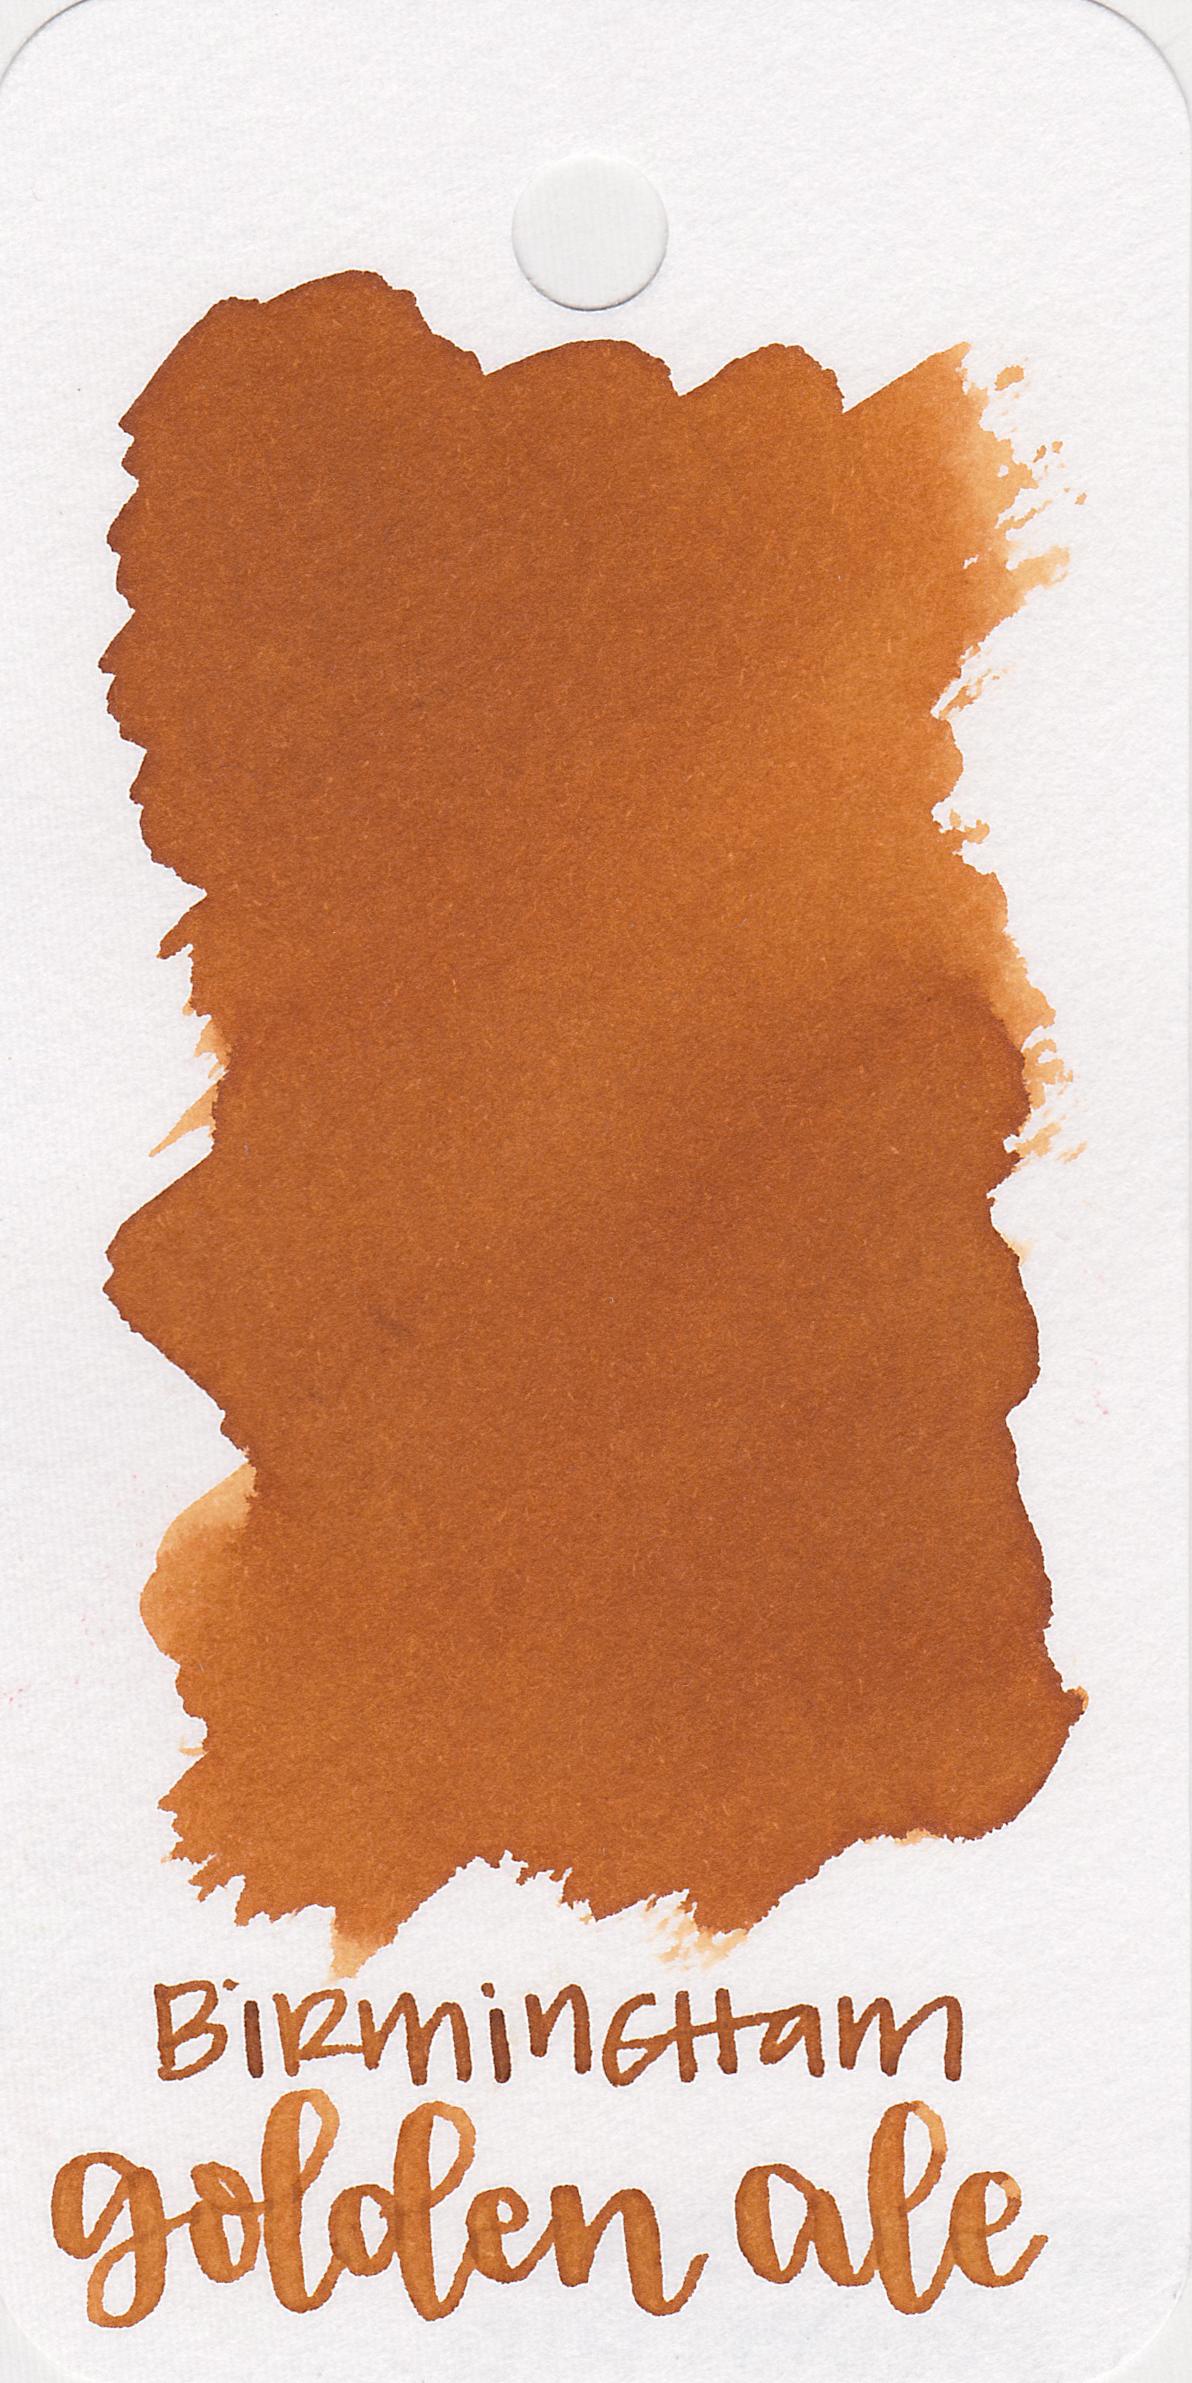 bp-golden-ale-1.jpg